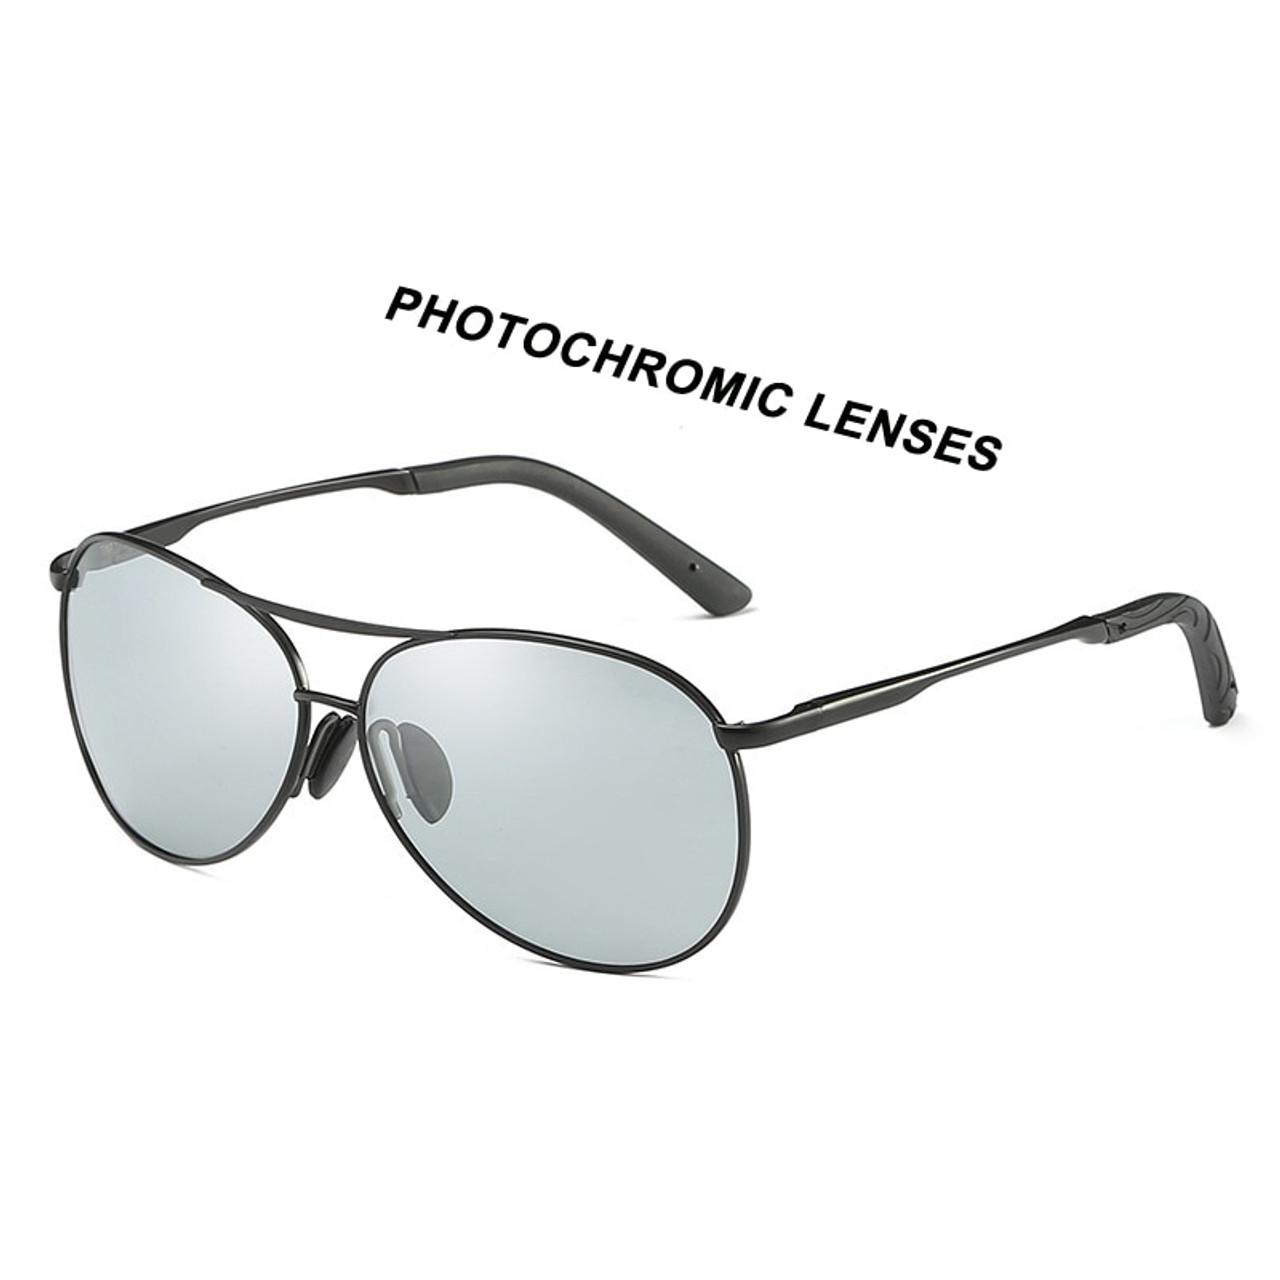 dfe0f95b37dd0 ... HBK 2019 Driving Photochromic Polarized Sunglasses Chameleon  Discoloration Sun glasses oculos de sol masculino PM0152P ...